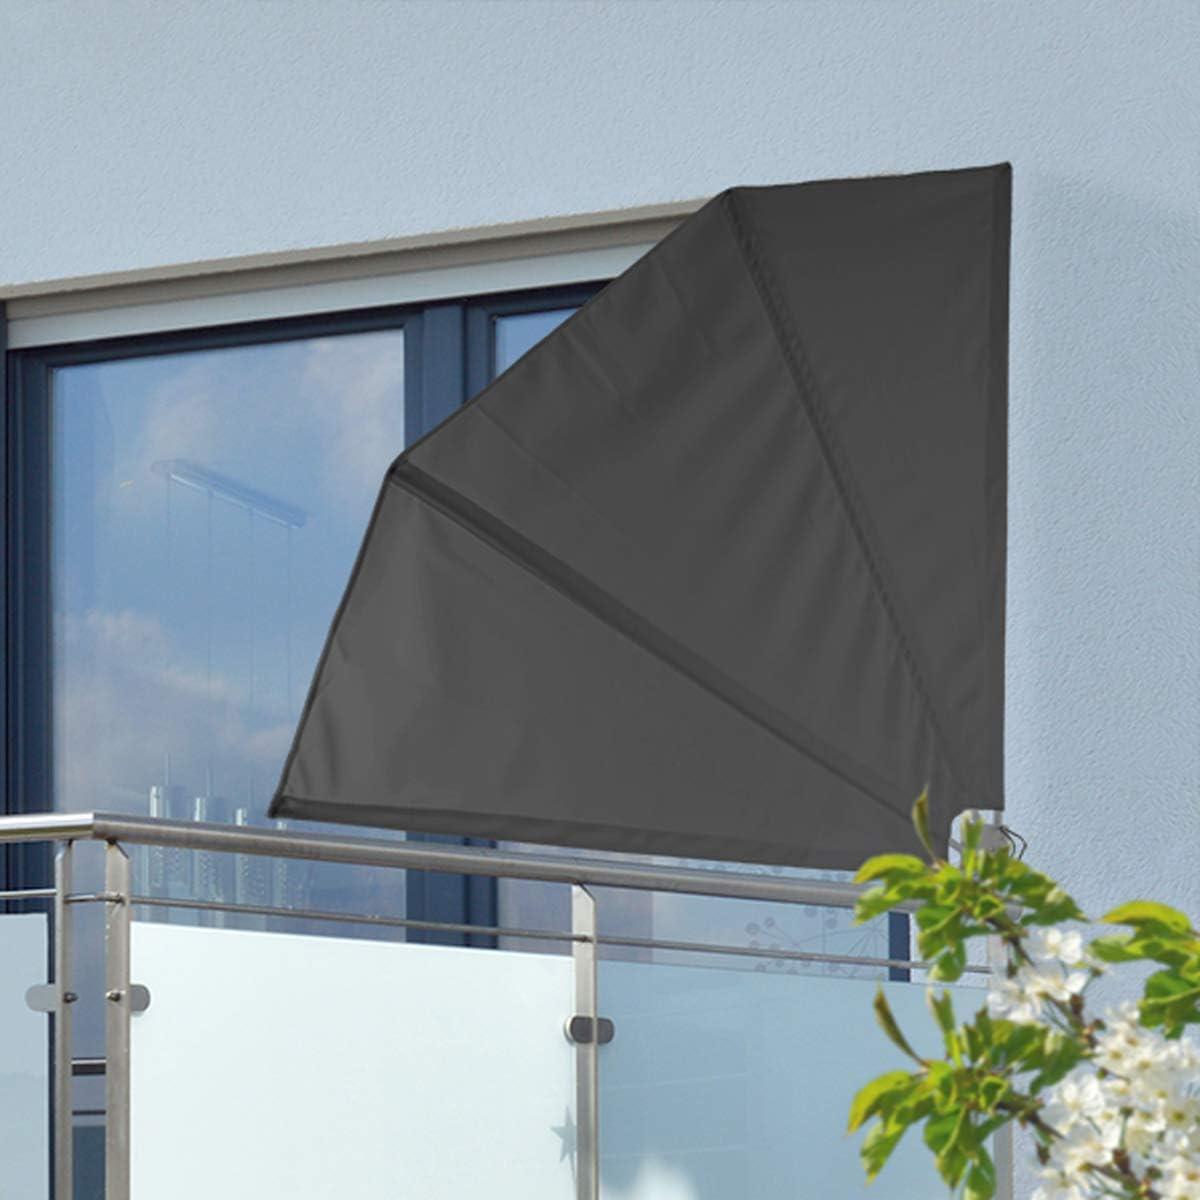 Amazon De Finehome Praktischer Sonnenschutz Balkon Sichtschutz Grau Windschutz 120 Cm X 120cm Balkonblende Klappbar